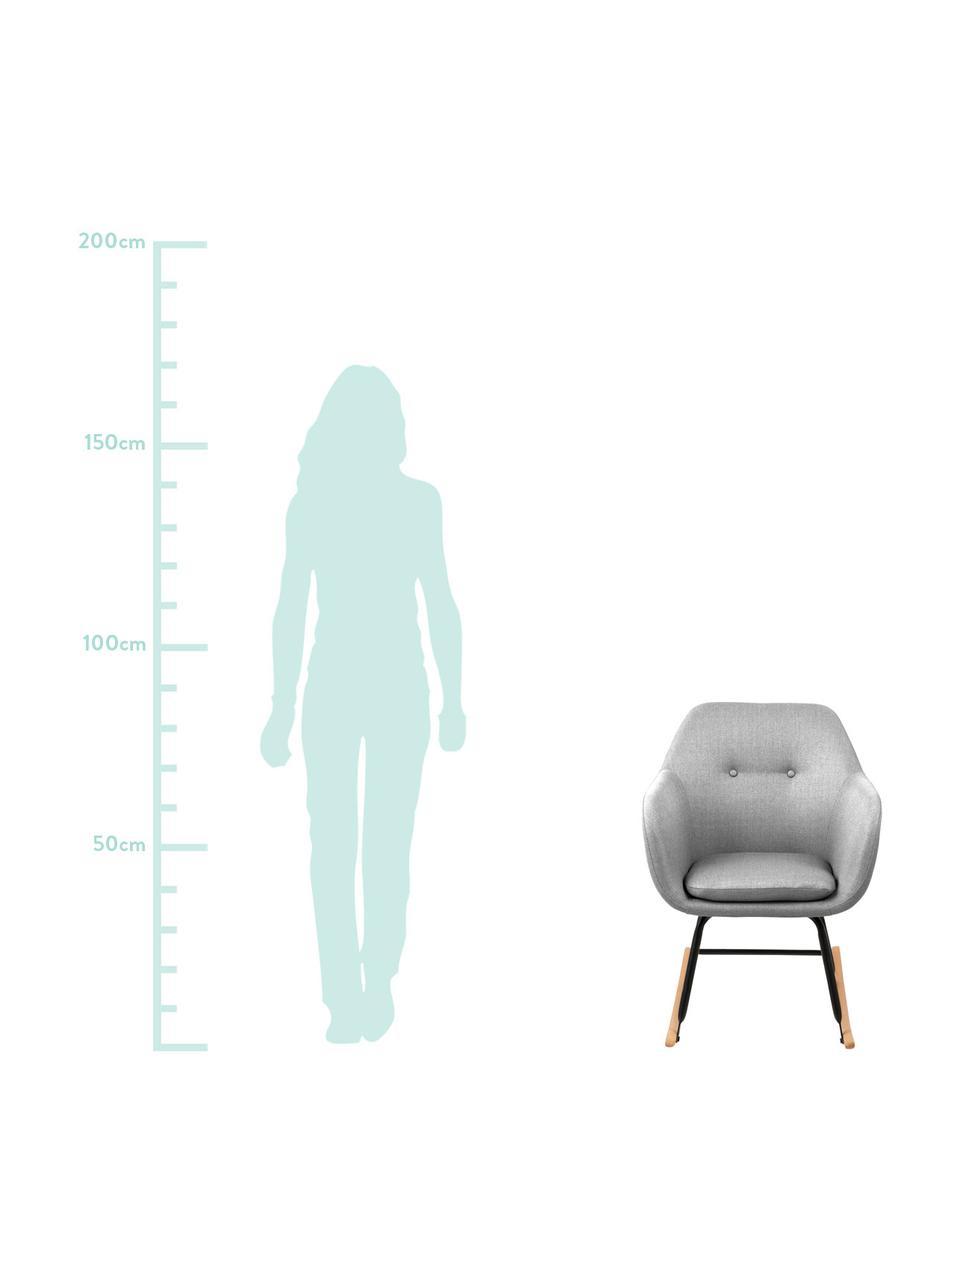 Sedia a dondolo in tessuto grigio chiaro Emilia, Rivestimento: 90% poliestere, 8% viscos, Gambe: metallo verniciato a polv, Tessuto grigio chiaro, Larg. 57 x Alt. 69 cm